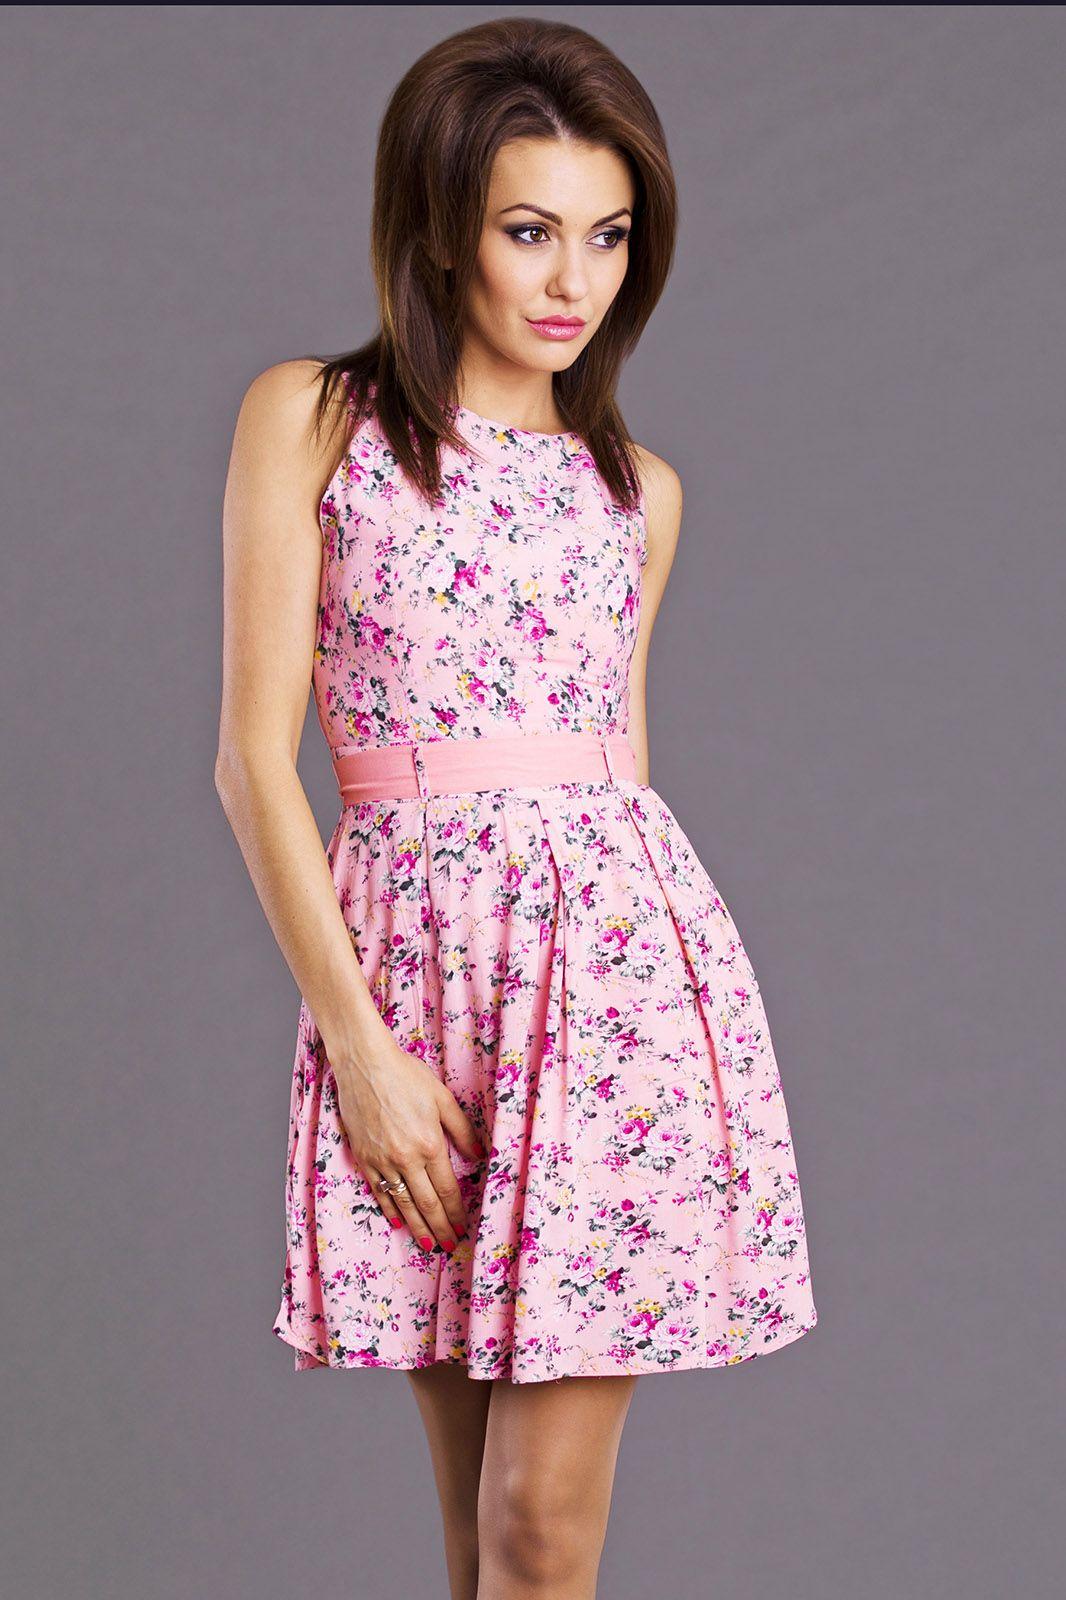 Rozkloszowana Letnia Sukienka W Kwiaty Sukienki 36 4328059093 Oficjalne Archiwum Allegro Dresses Fashion Halter Dress